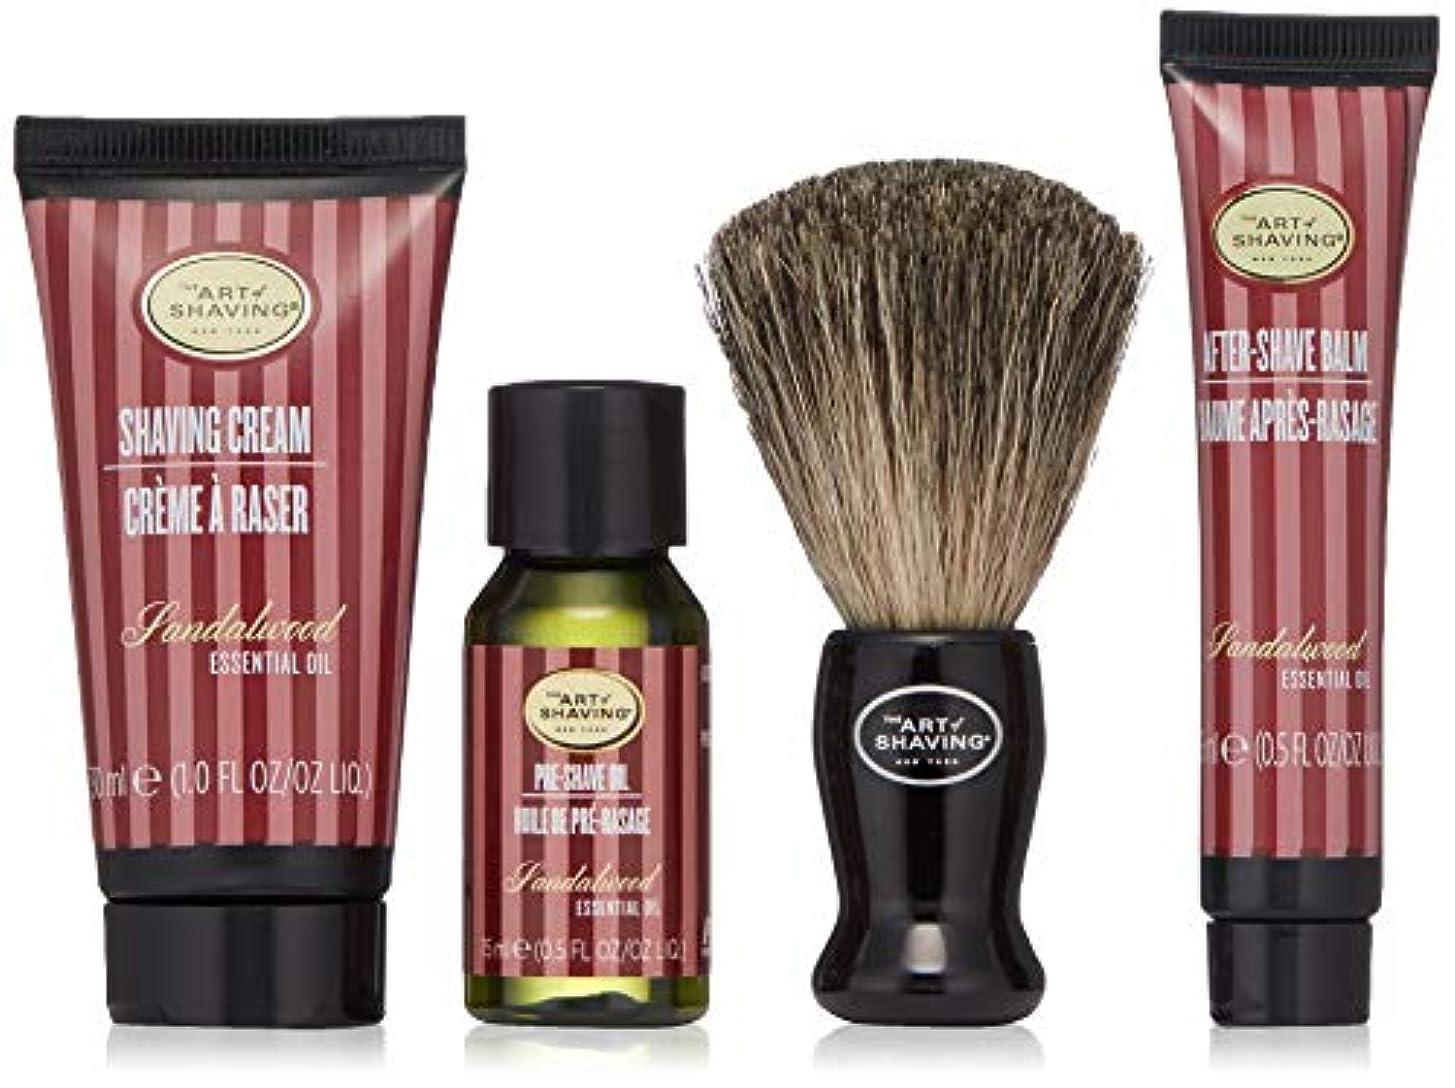 妊娠した切り下げパントリーアートオブシェービング Starter Kit - Sandalwood: Pre Shave Oil + Shaving Cream + After Shave Balm + Brush + Bag 4pcs + 1Bag並行輸入品